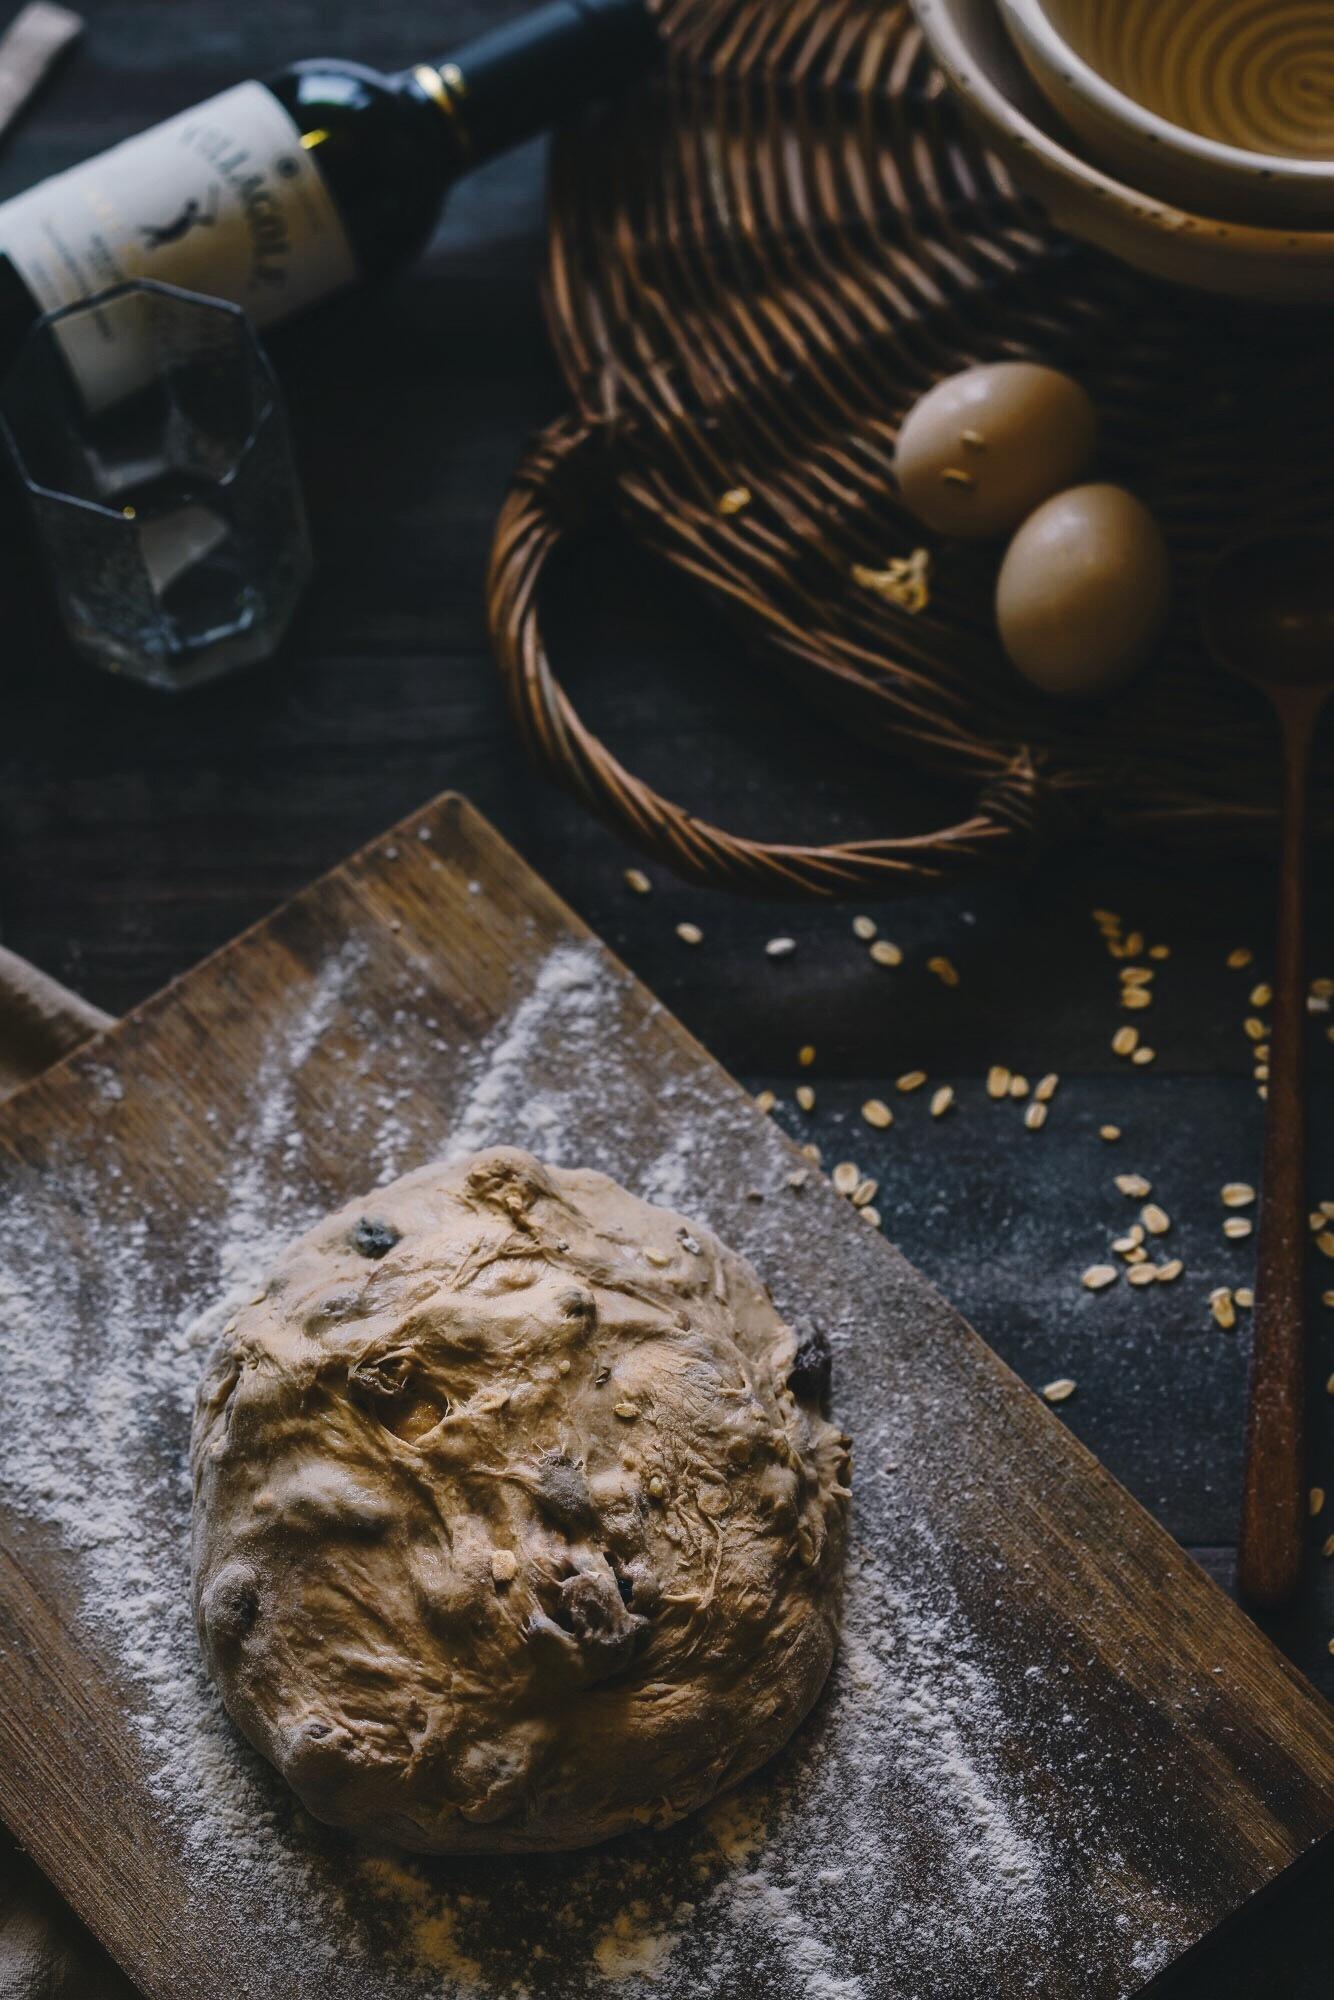 欧洲面包法式乡村面包美食 烘培 面包制作图片